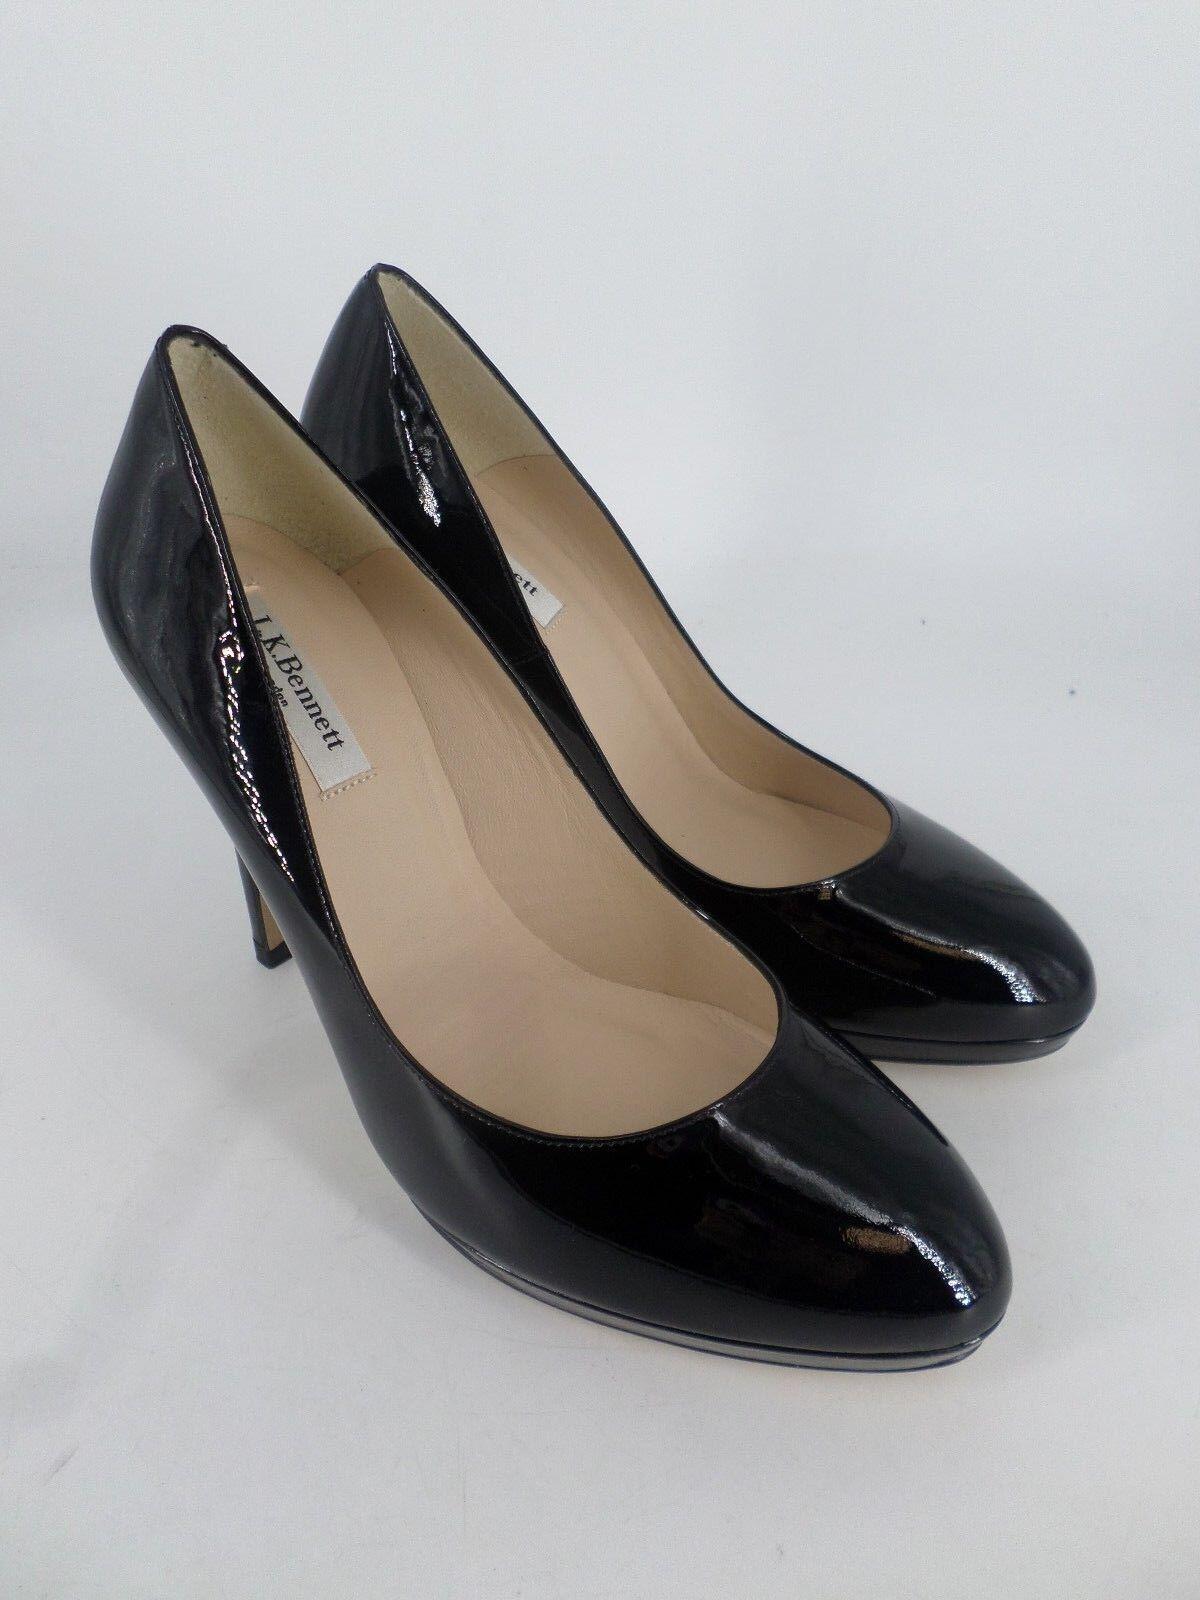 L.K. Bennett Sledge Plateforme Cour Chaussures Noires Vernies UK 7.5 EU 40.5 LN34 65